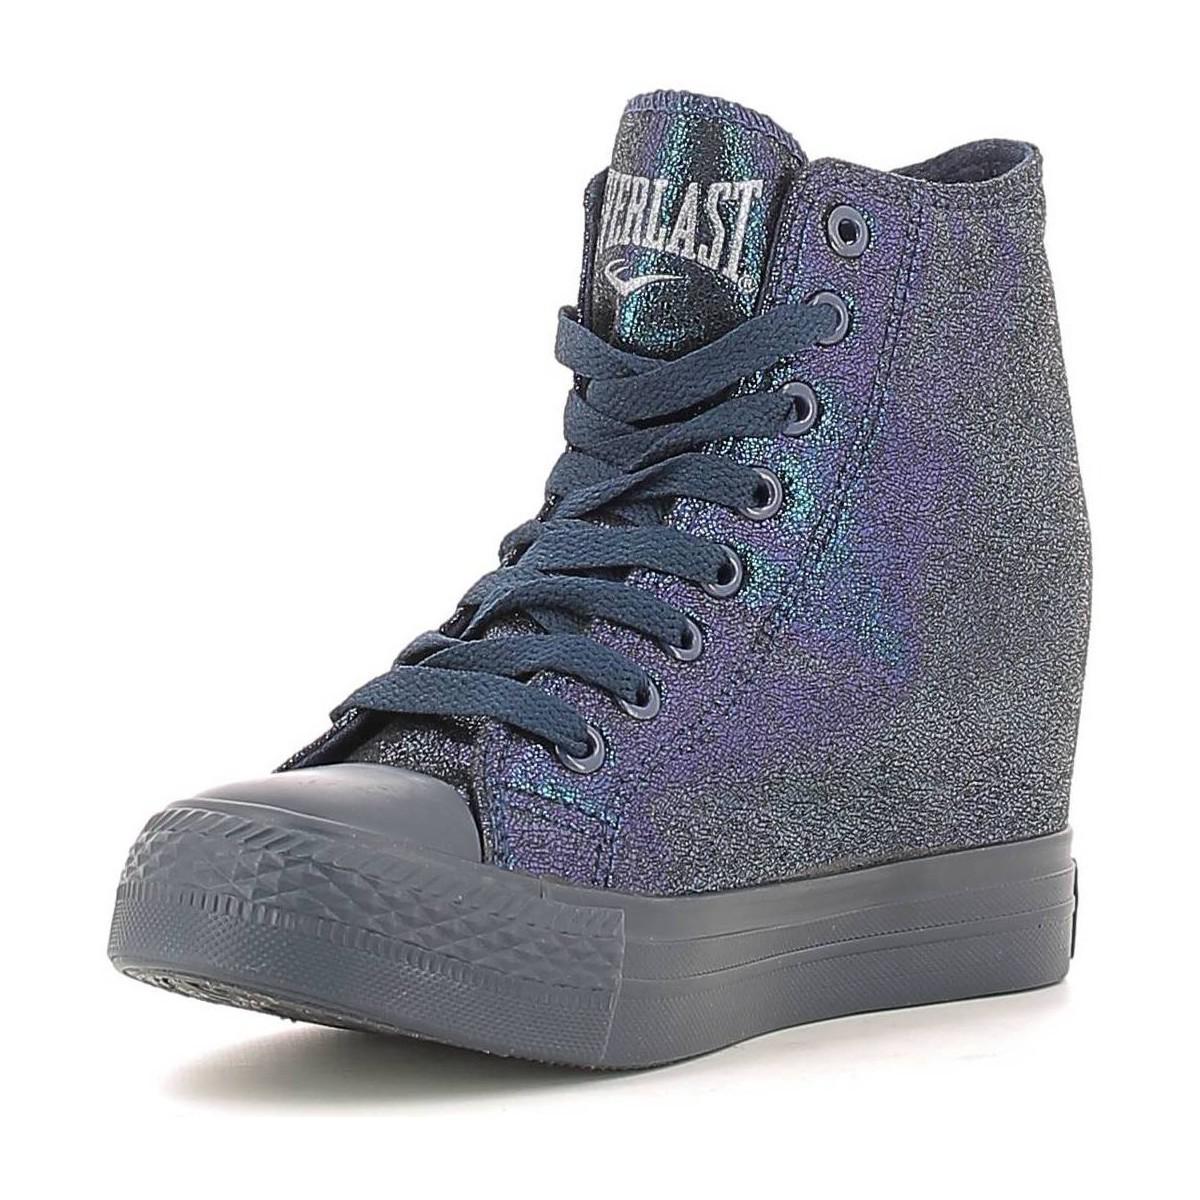 Everlast Ev-240 Sneakers Women Women's Walking Boots In Blue